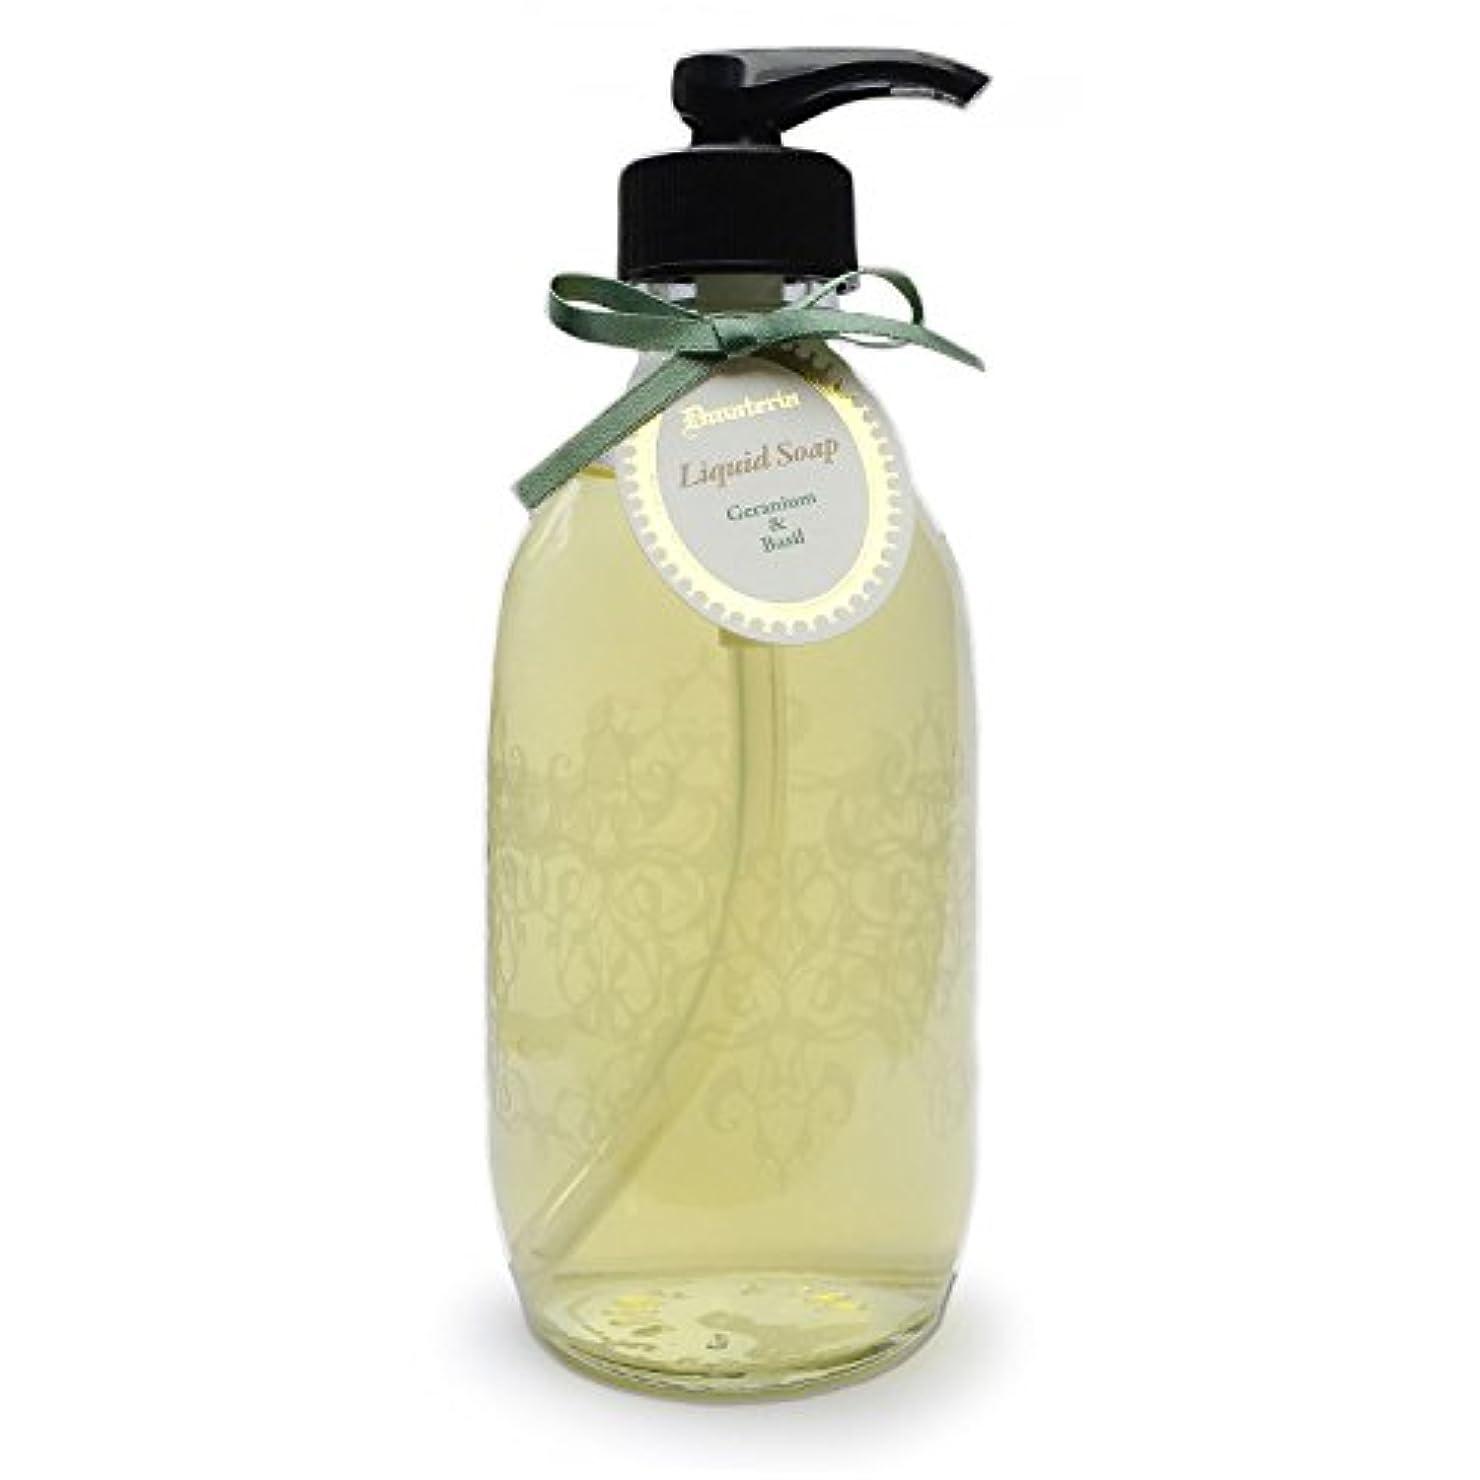 気がついて学ぶパケットD materia リキッドソープ ゼラニウム&バジル Geranium&Basil Liquid Soap ディーマテリア